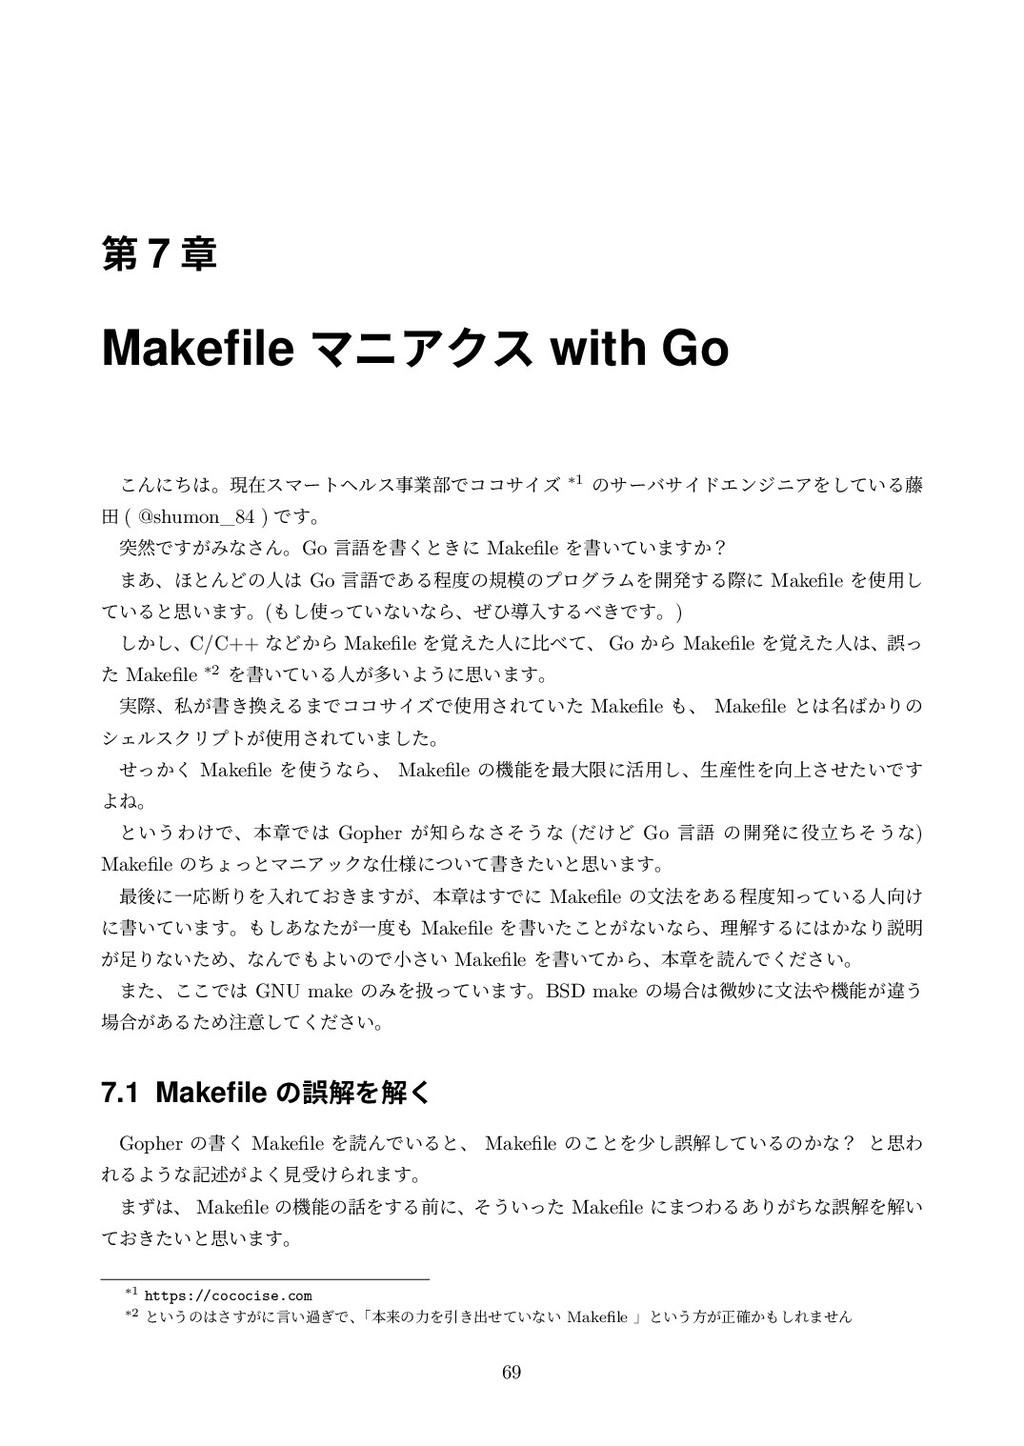 第 7 章 Makefile マニアクス with Go こんにちは。現在スマートヘルス事業部で...